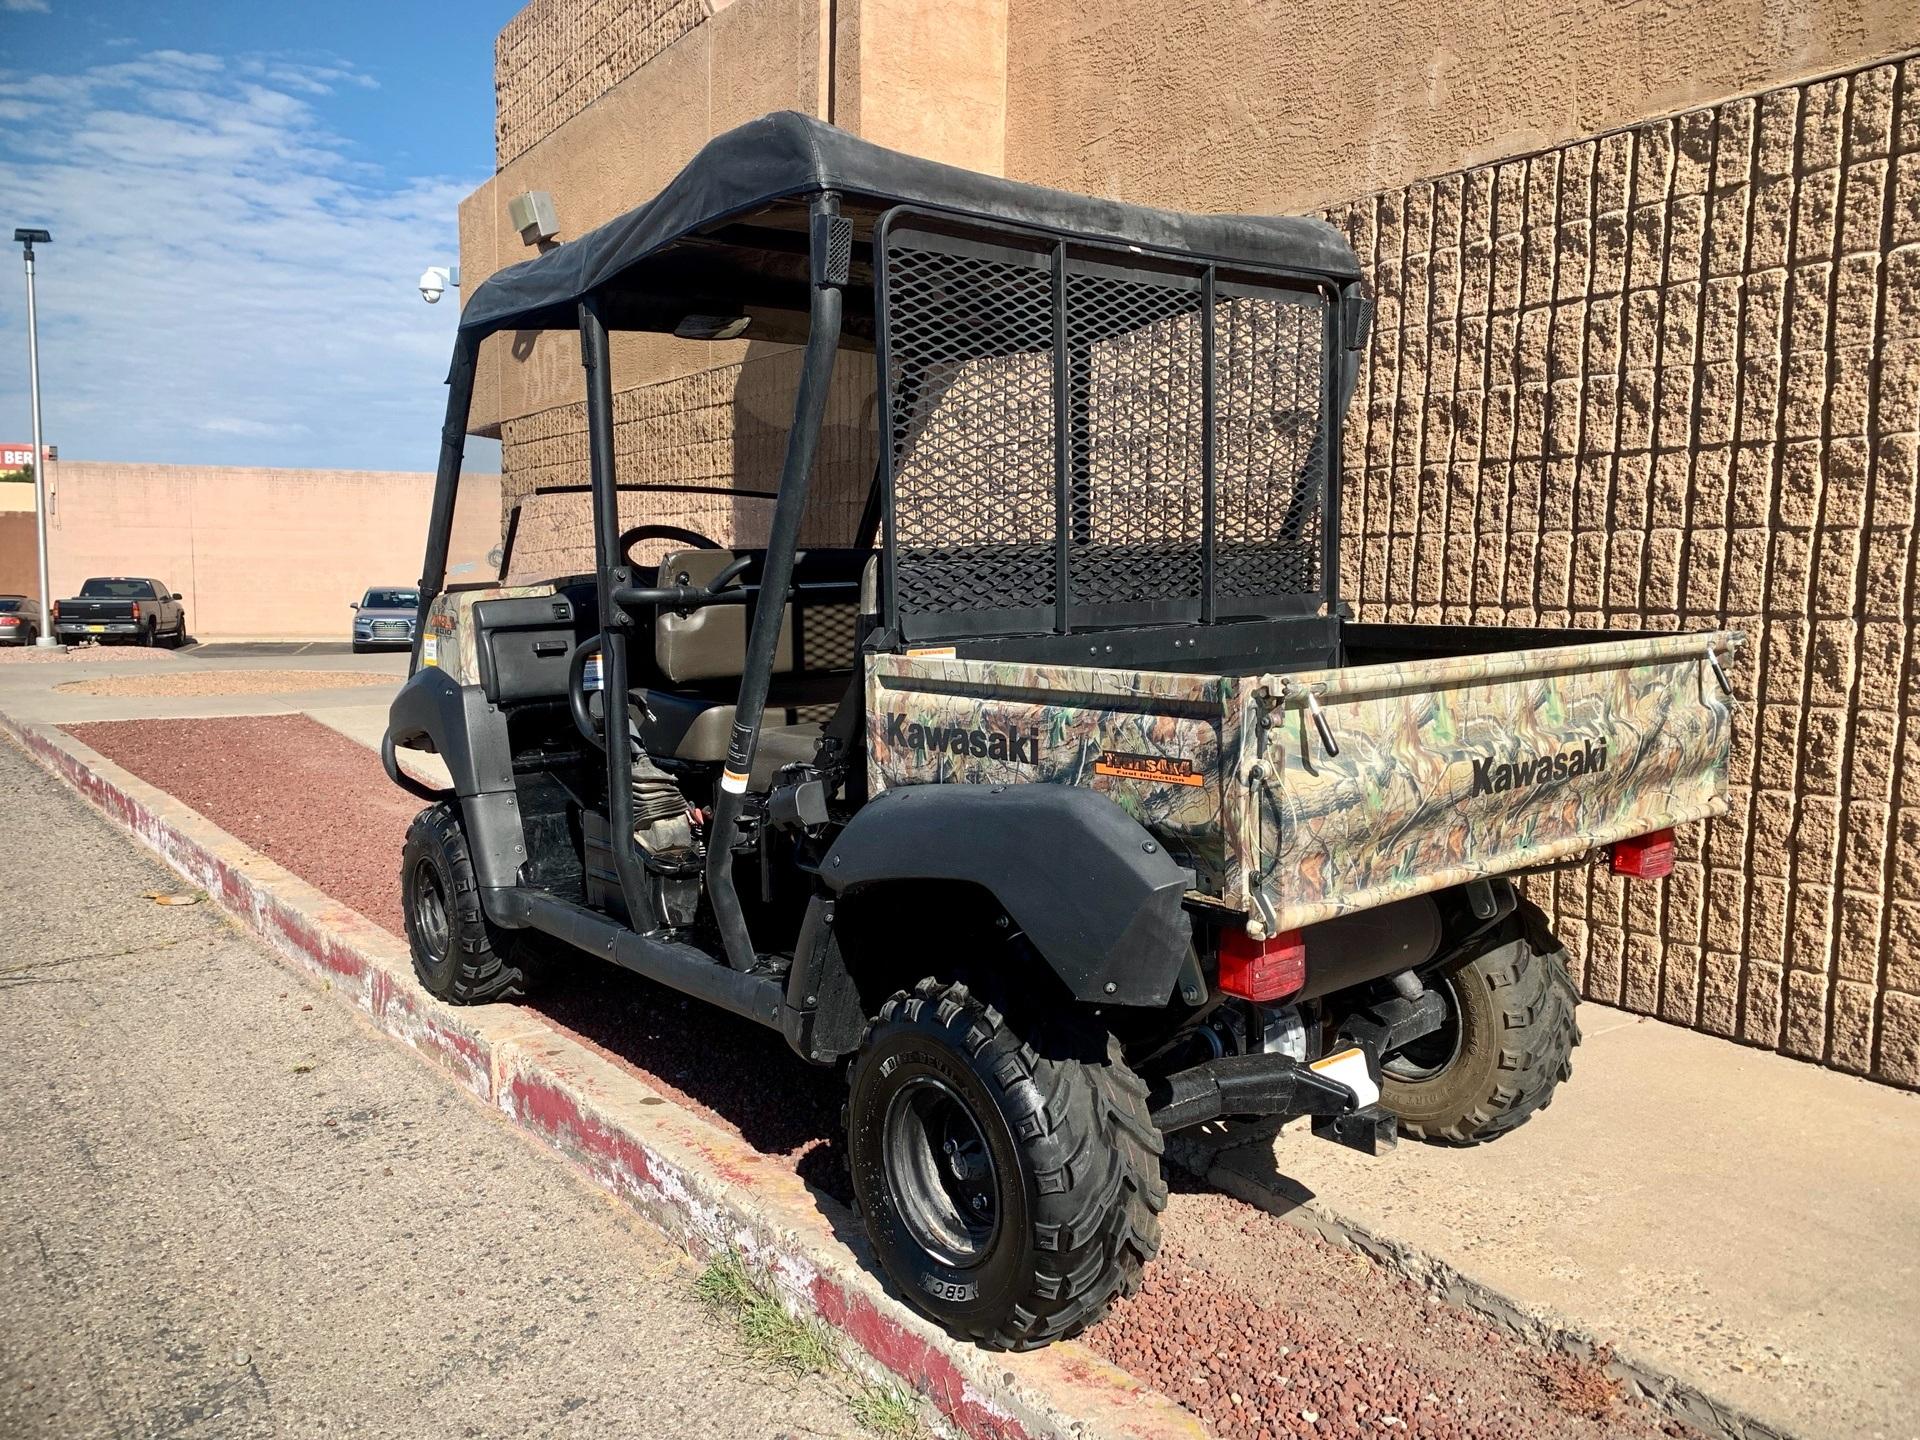 2014 Kawasaki Mule™ 4010 Trans4x4® Camo in Albuquerque, New Mexico